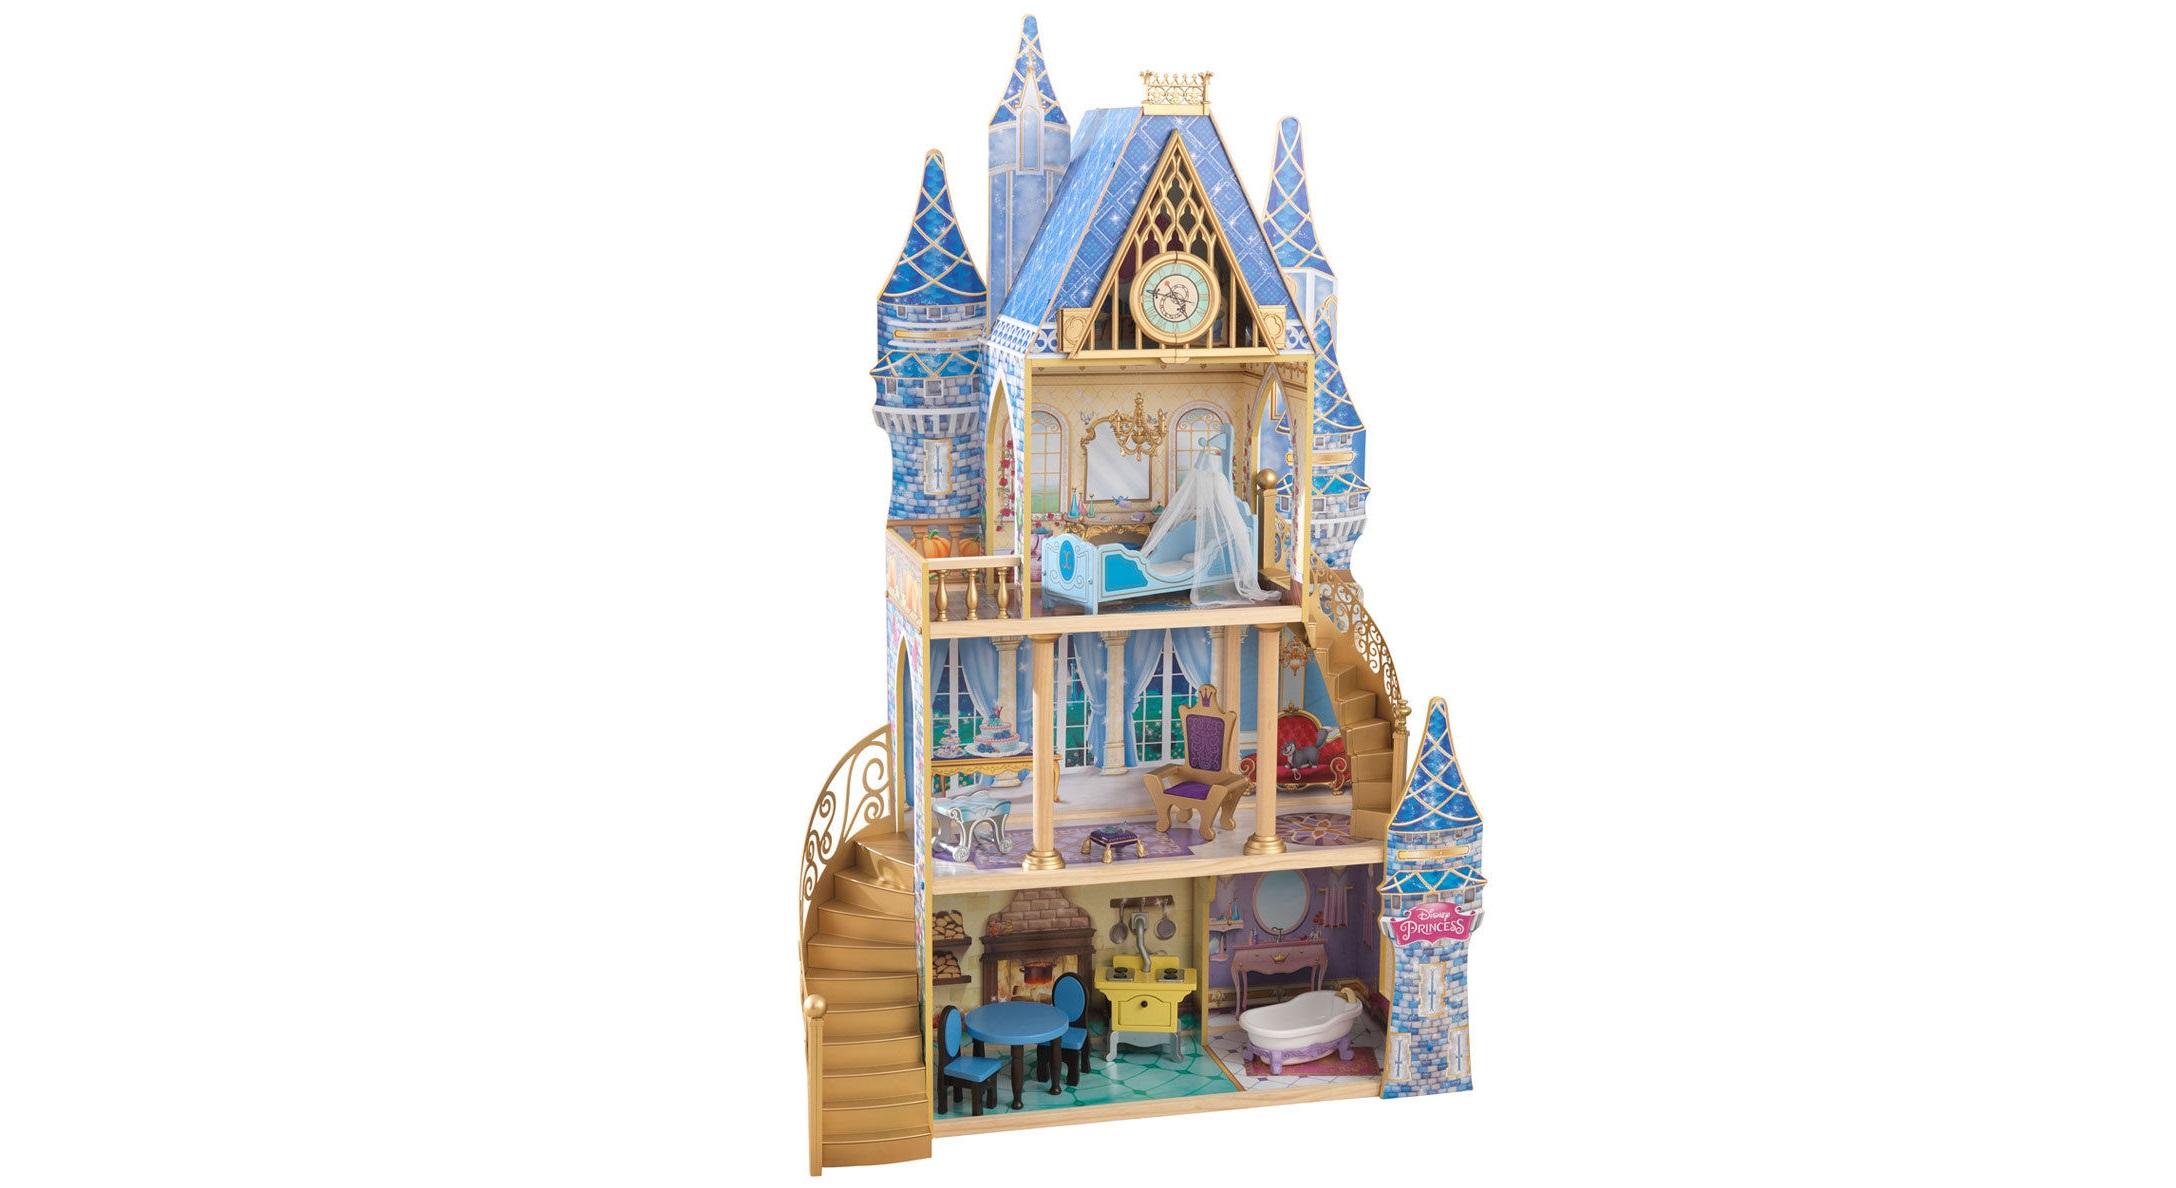 Disney Royal Dreams